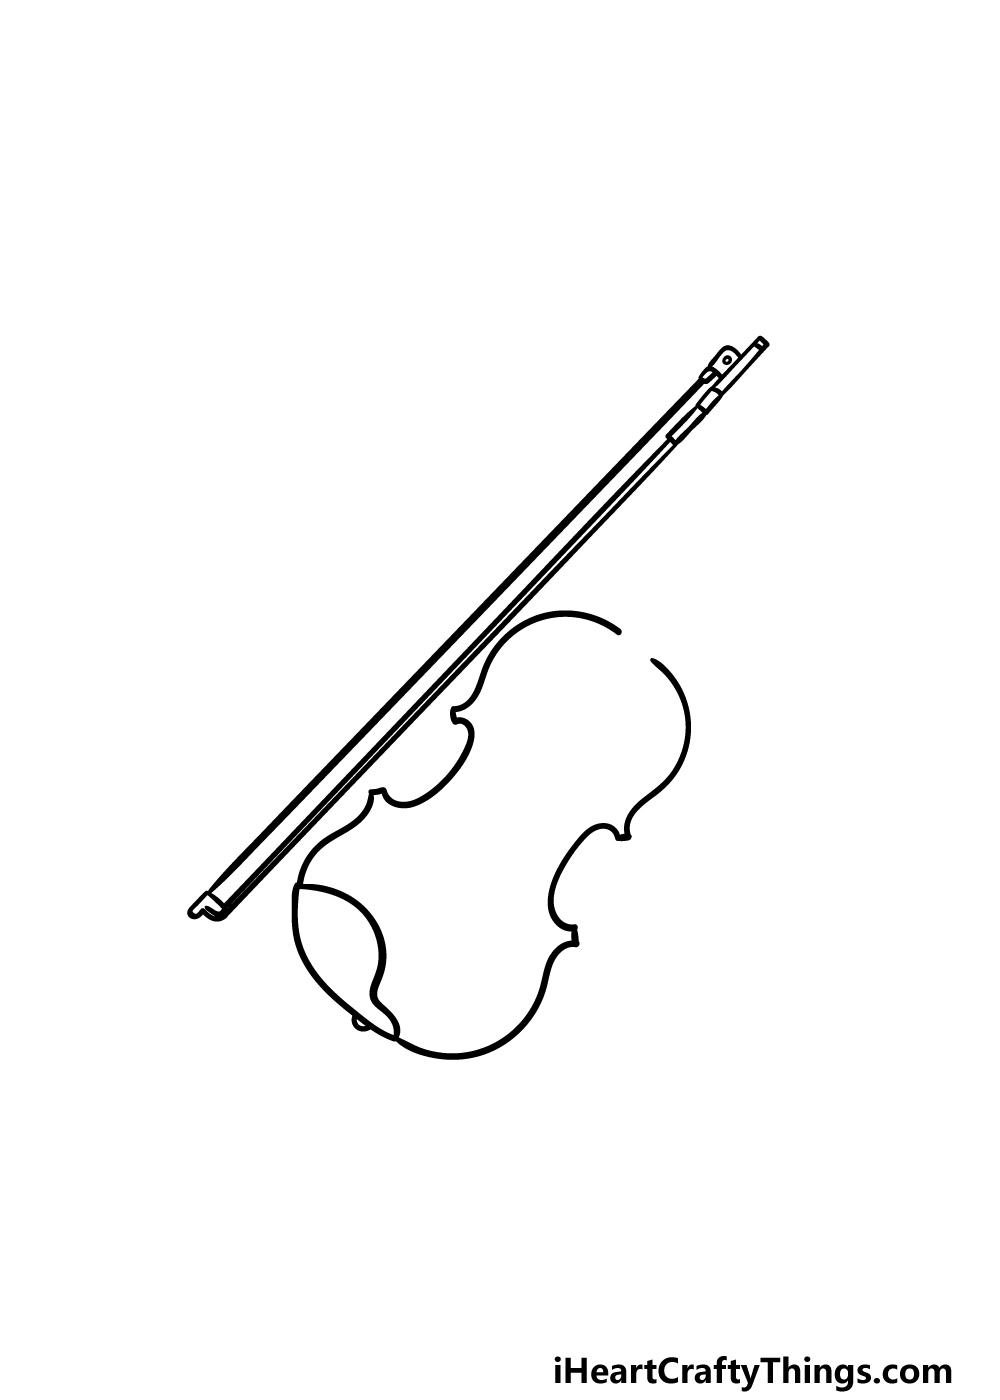 drawing a violin step 3